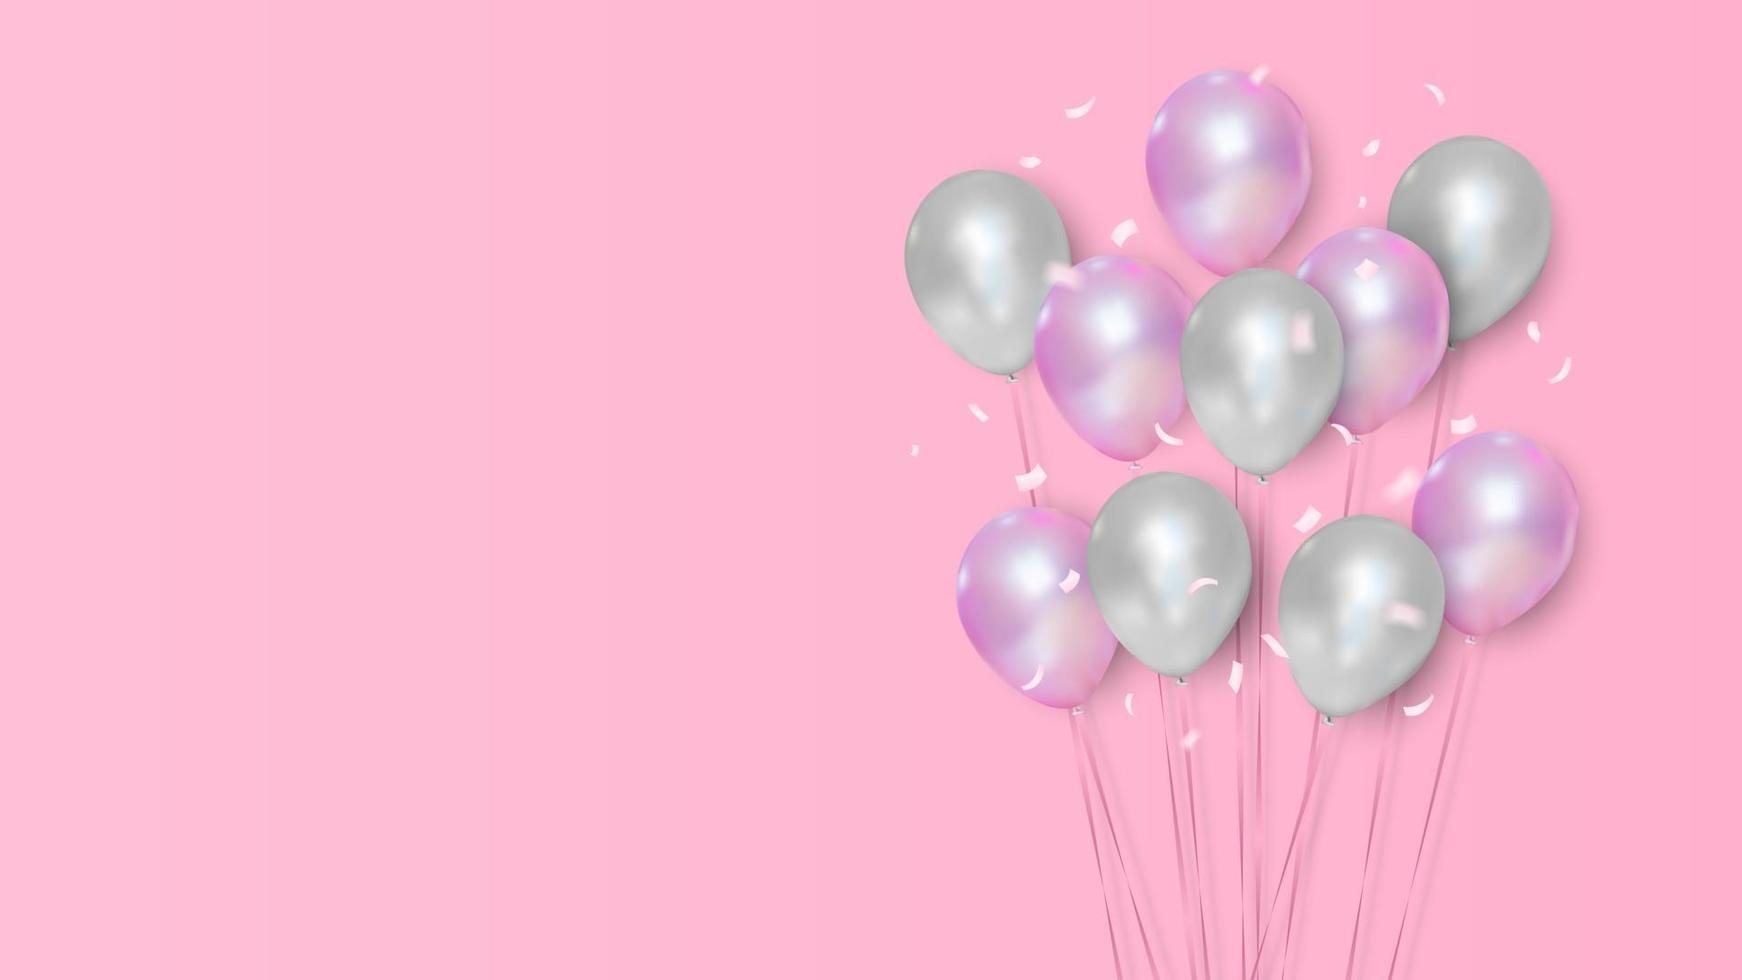 rosa und weiße Farben mit realistischen fliegenden Heliumballons, Feier, Festivalhintergrund, Grußfahne, Karte, Plakat, Vektorillustration vektor